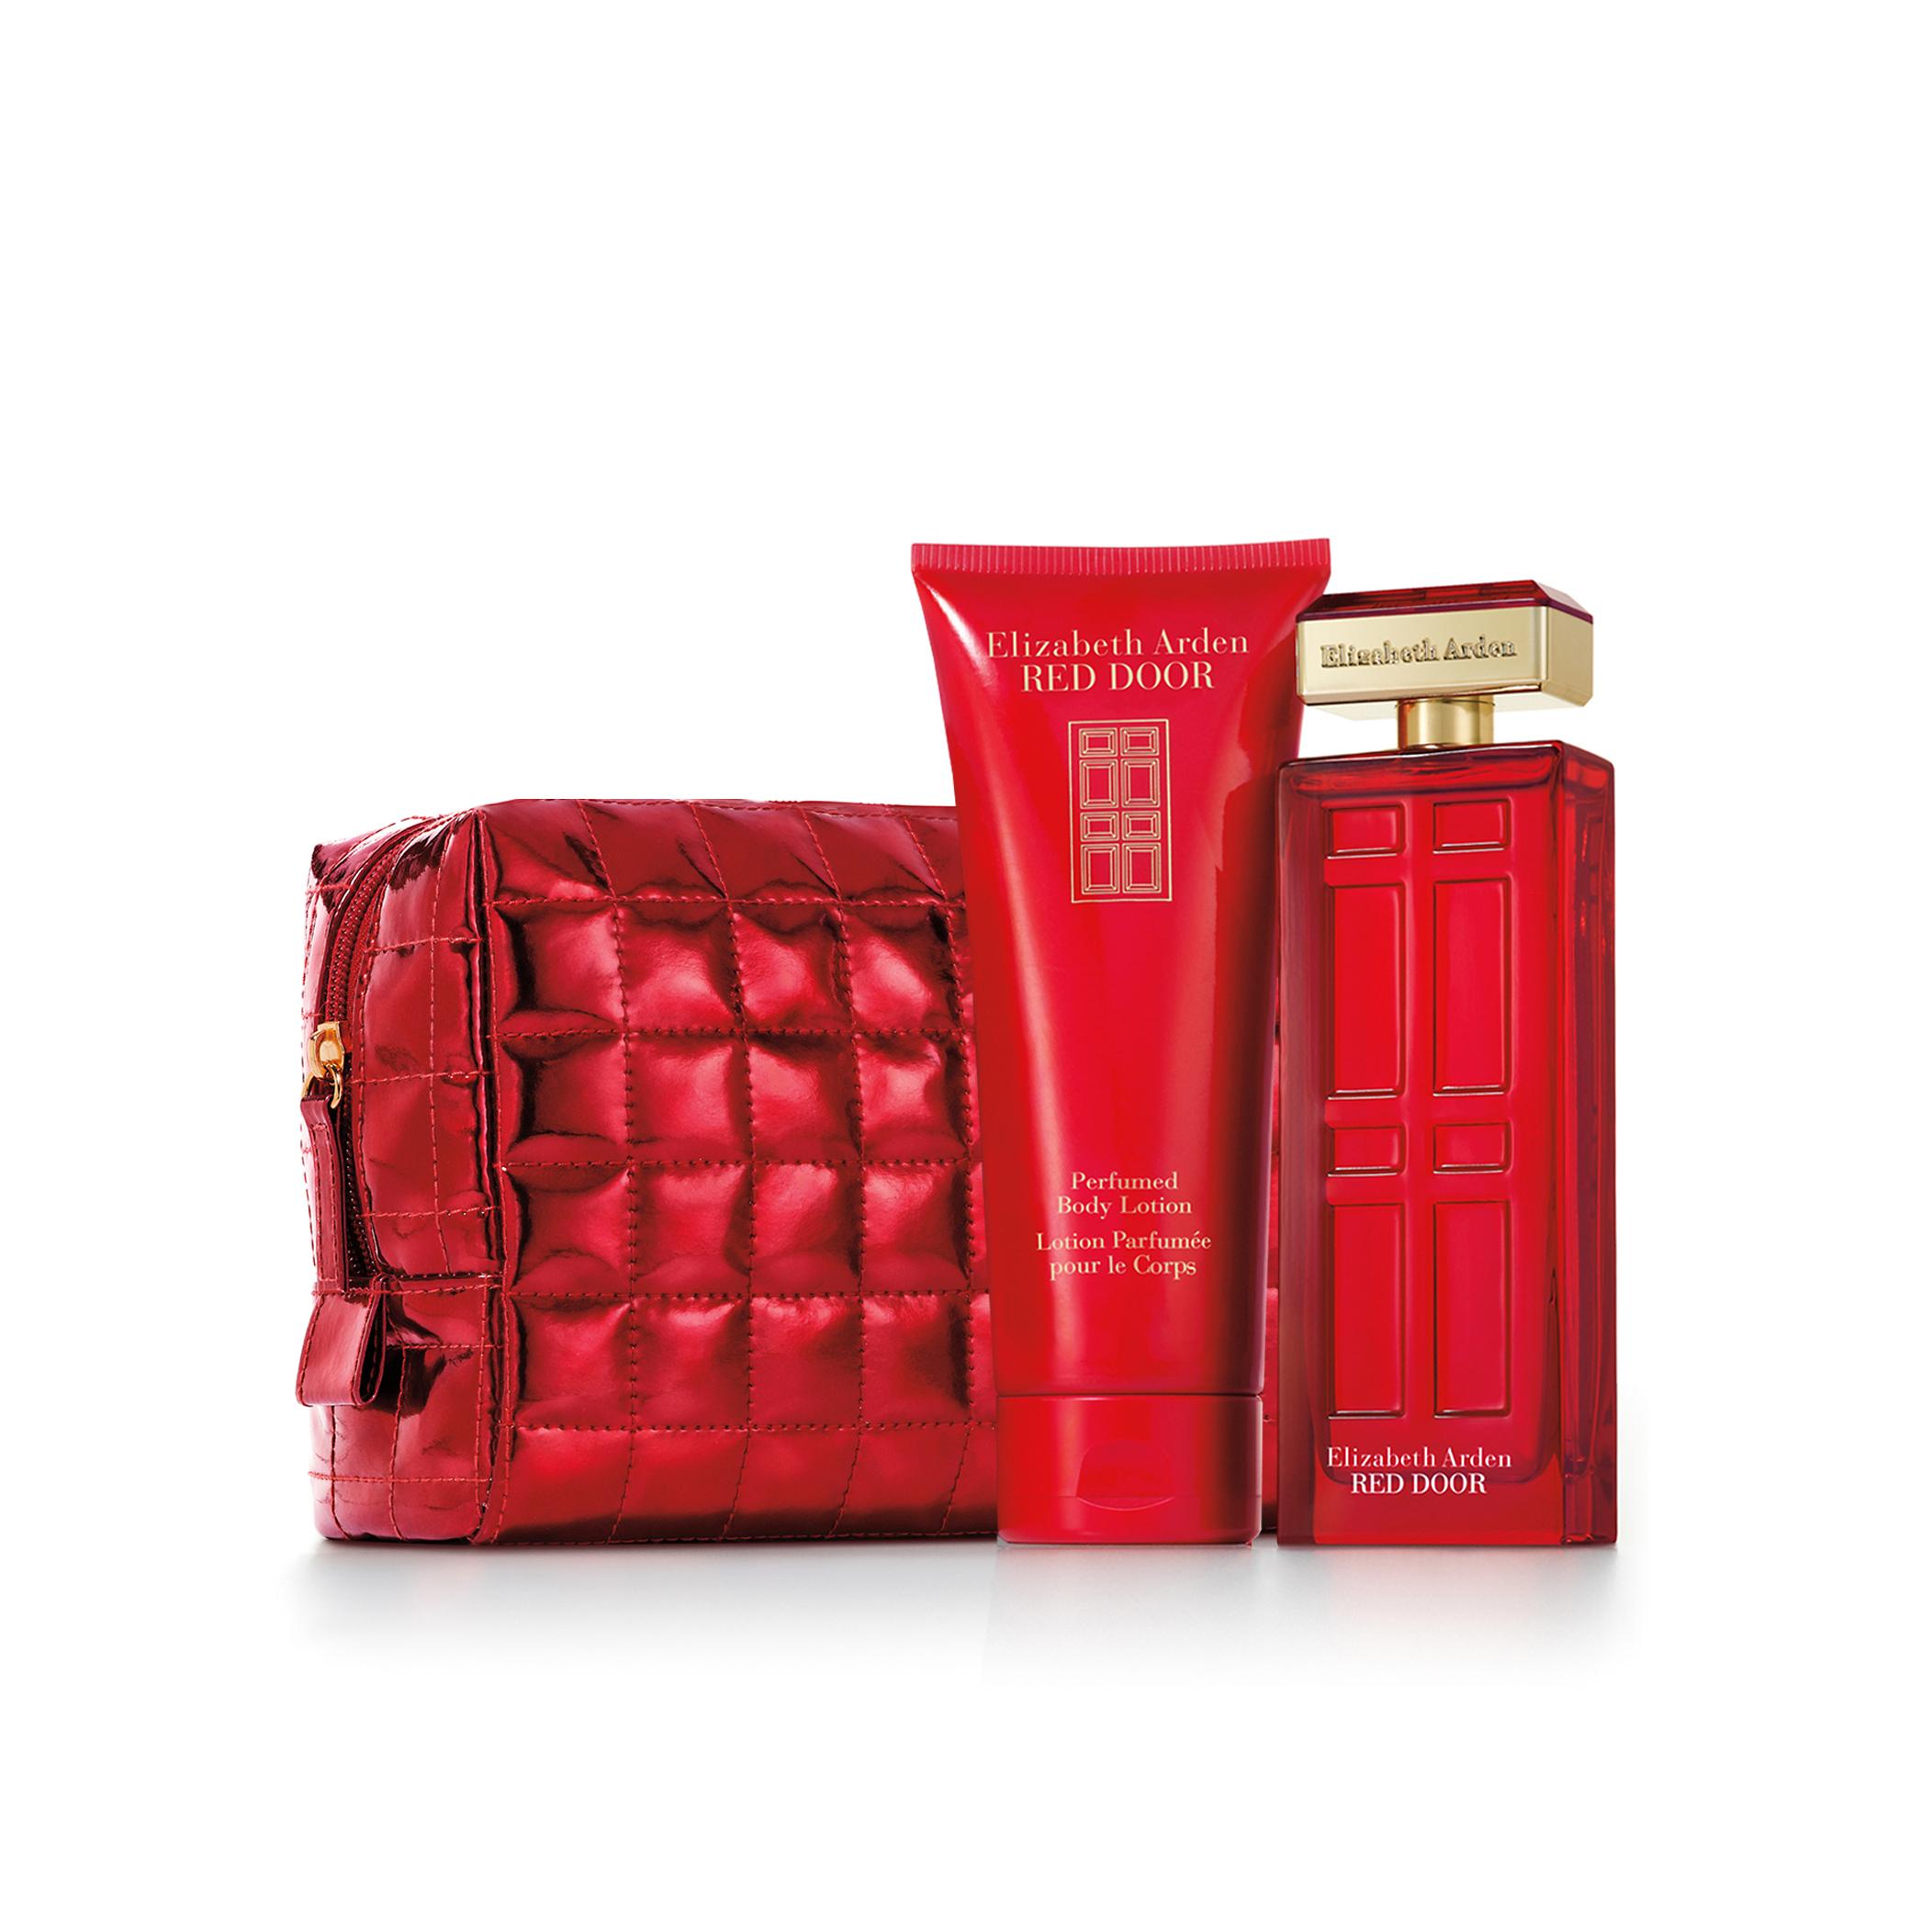 Red Door Gift Set 100 Value Elizabeth Arden